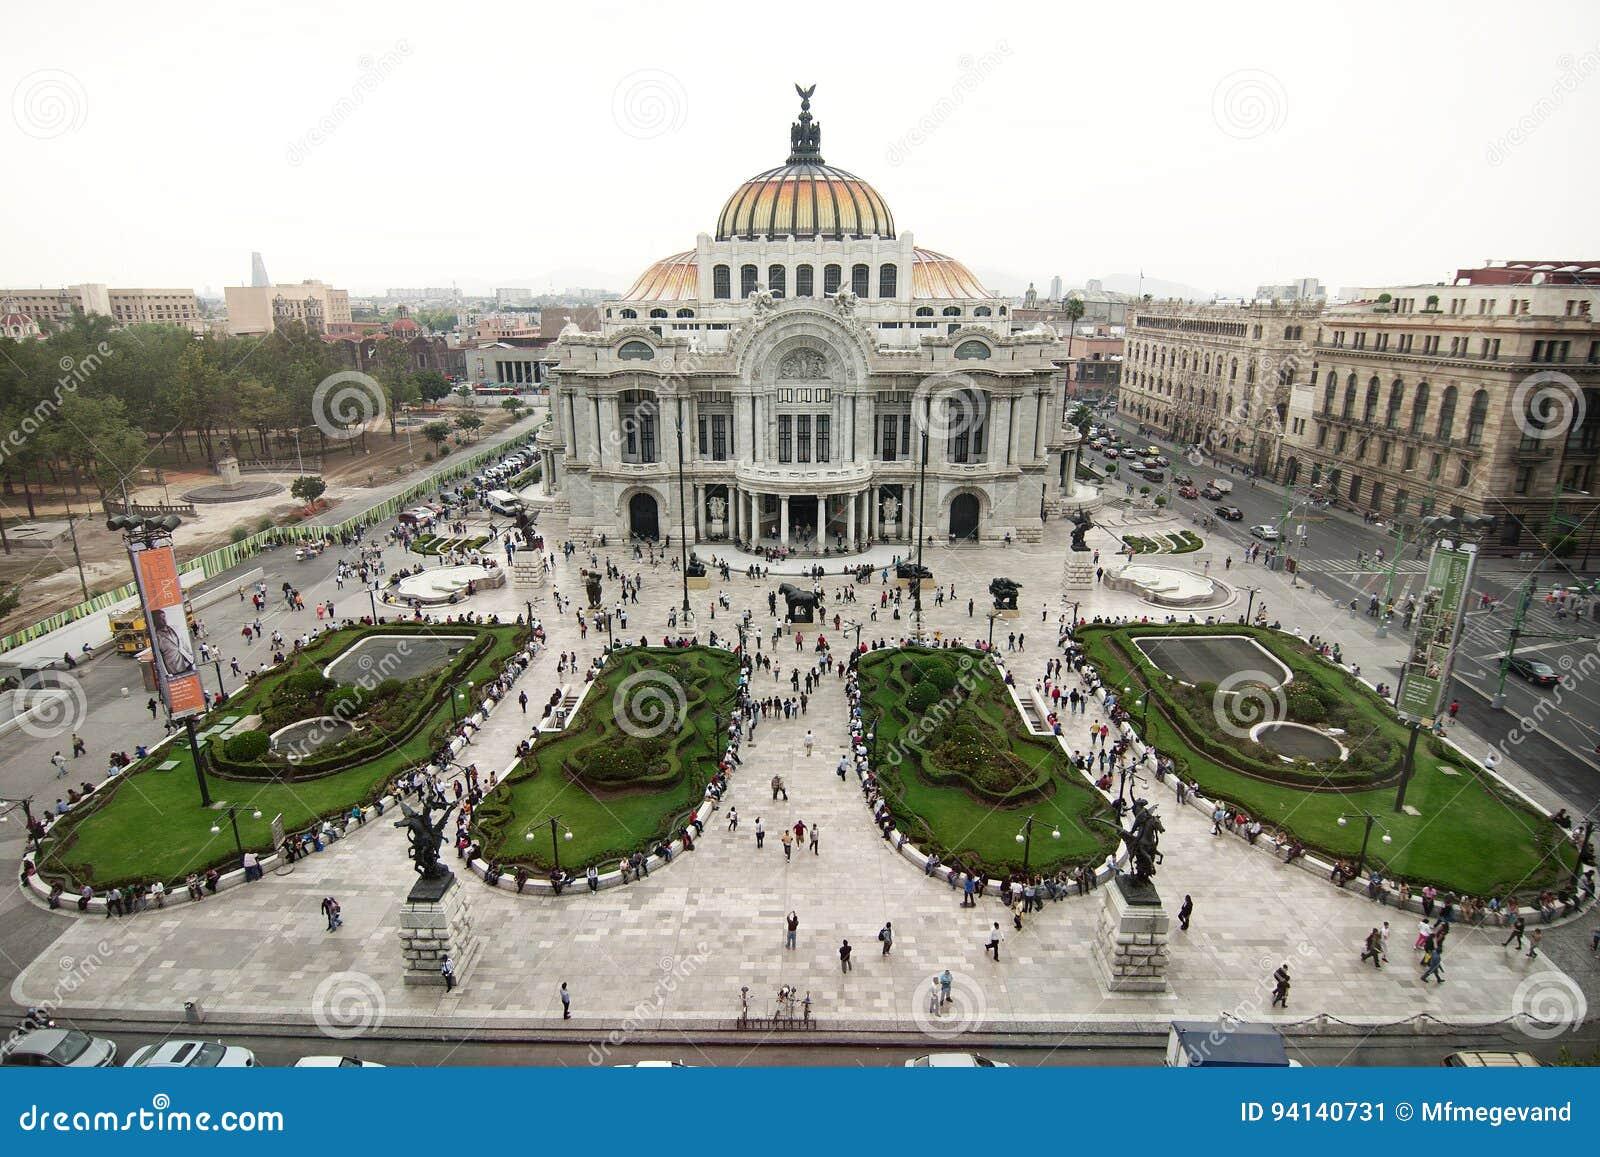 Cidade do México, México - 2012: Palacio de Bellas Artes (palácio das belas artes)